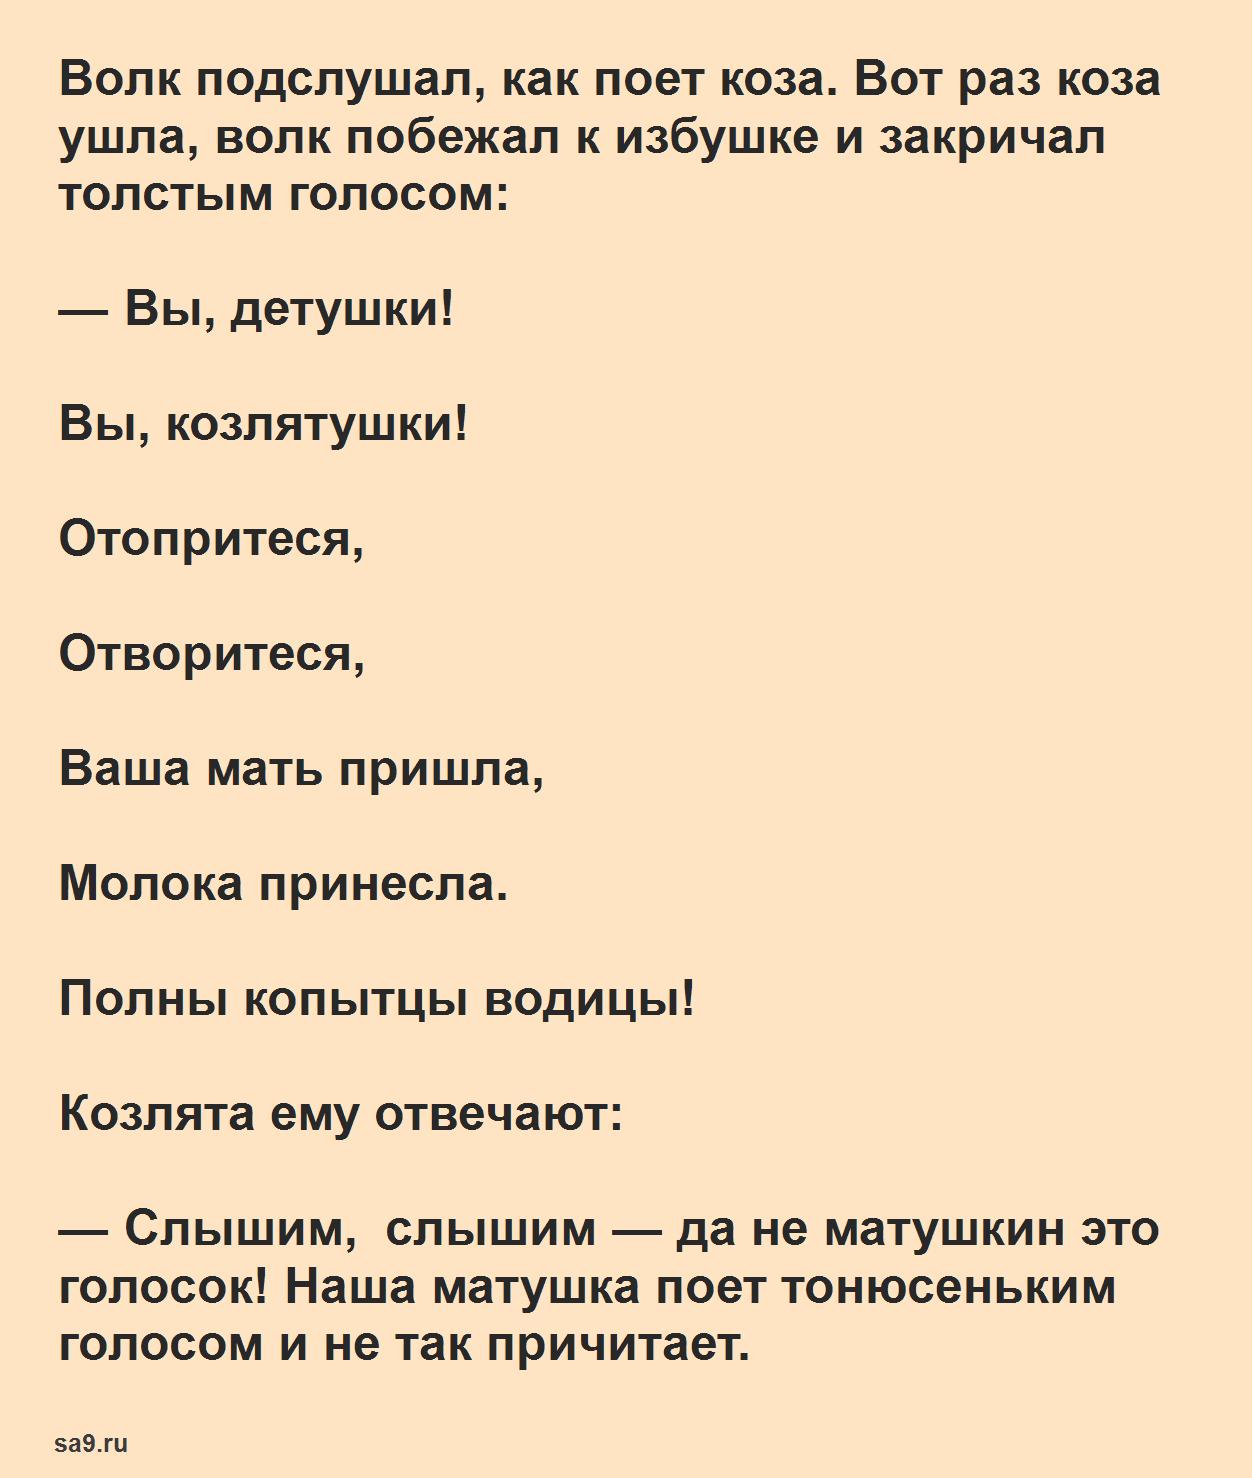 Русская народная сказка для детей – Волк и семеро козлят